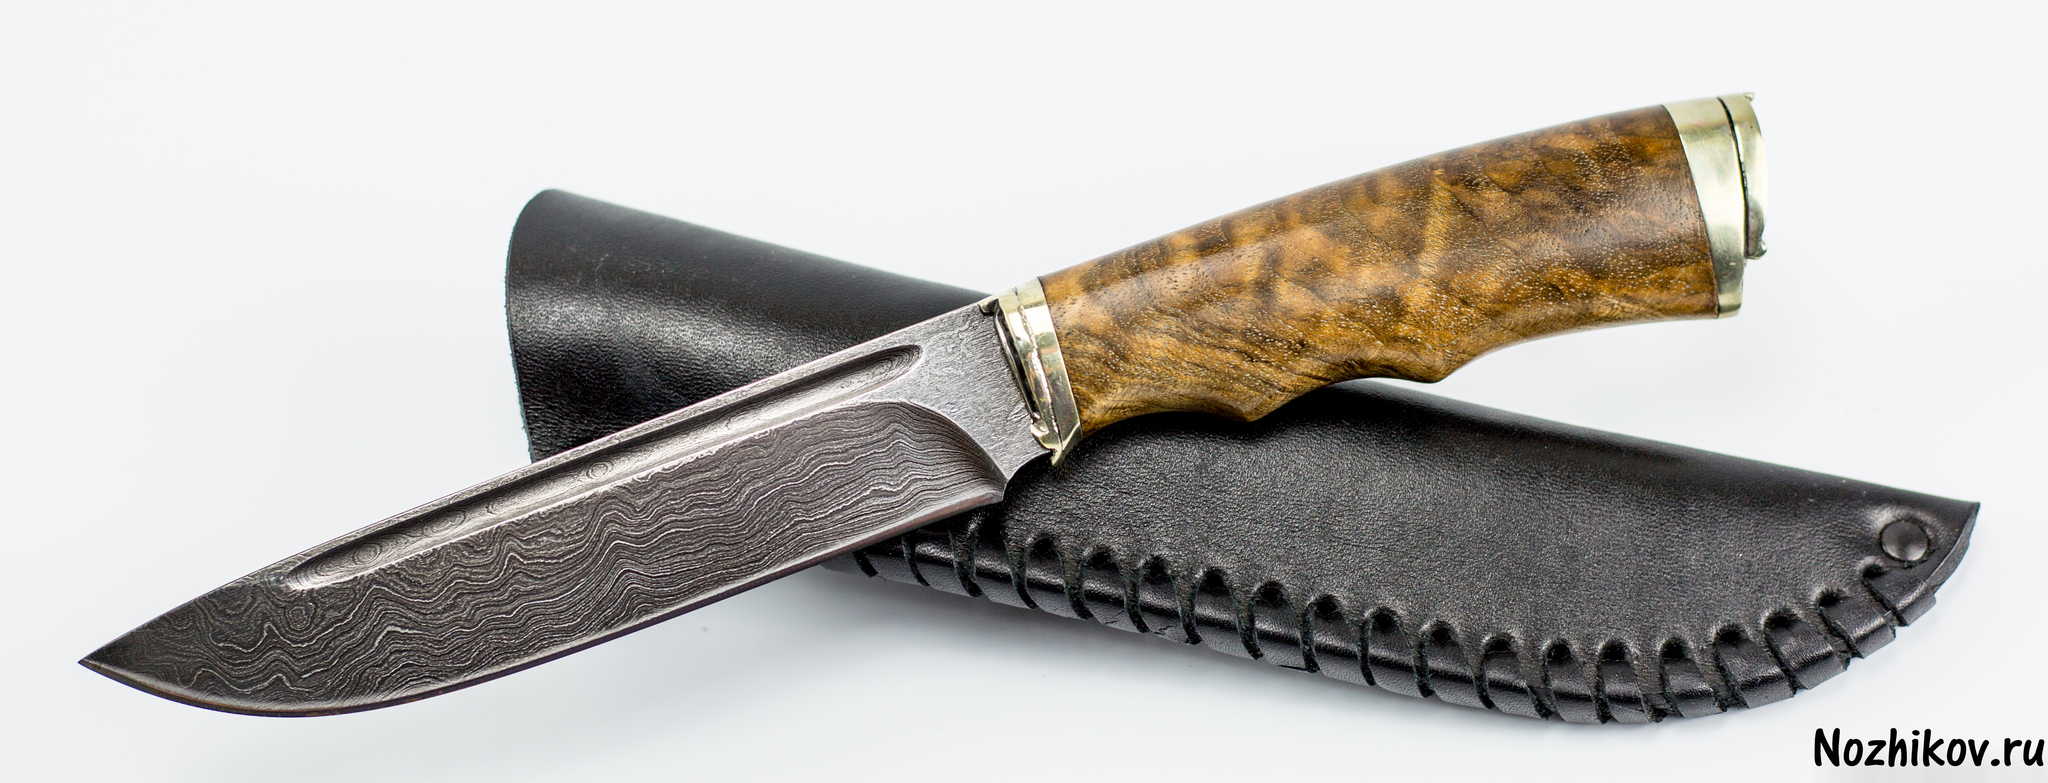 Фото 11 - Авторский Нож из Дамаска №32, Кизляр от Noname